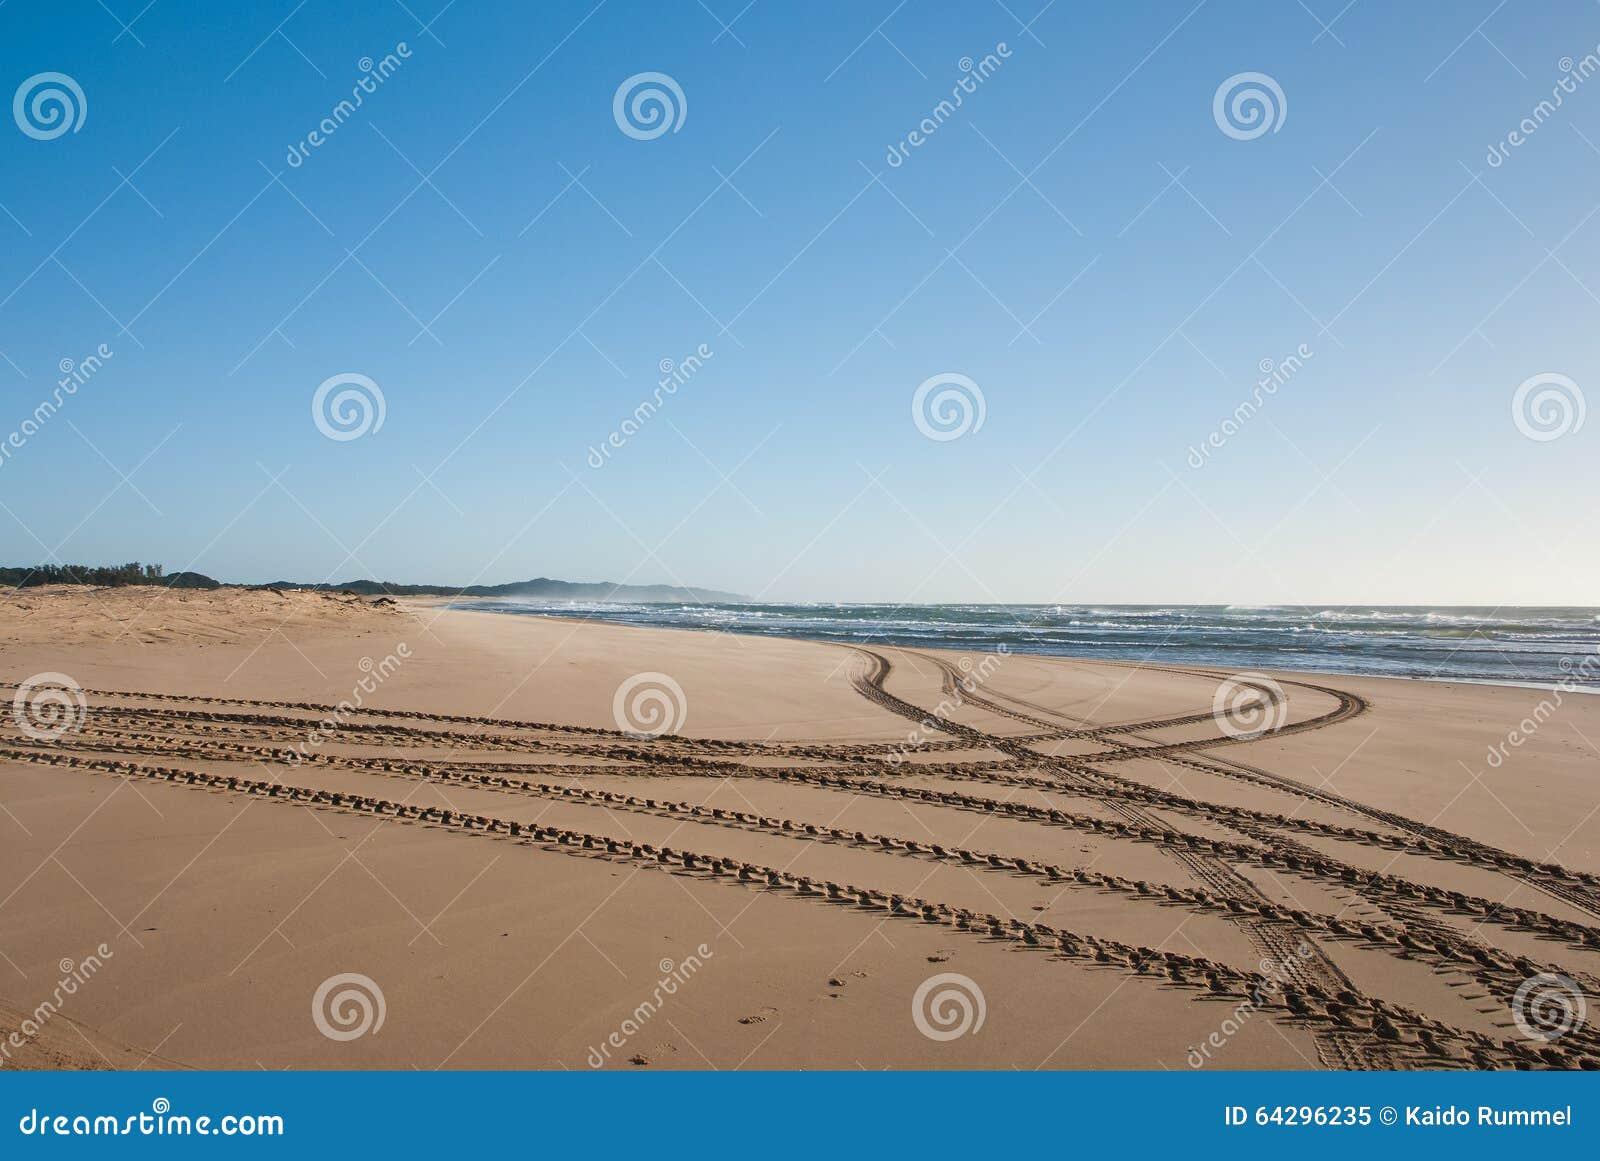 Trilhas na praia